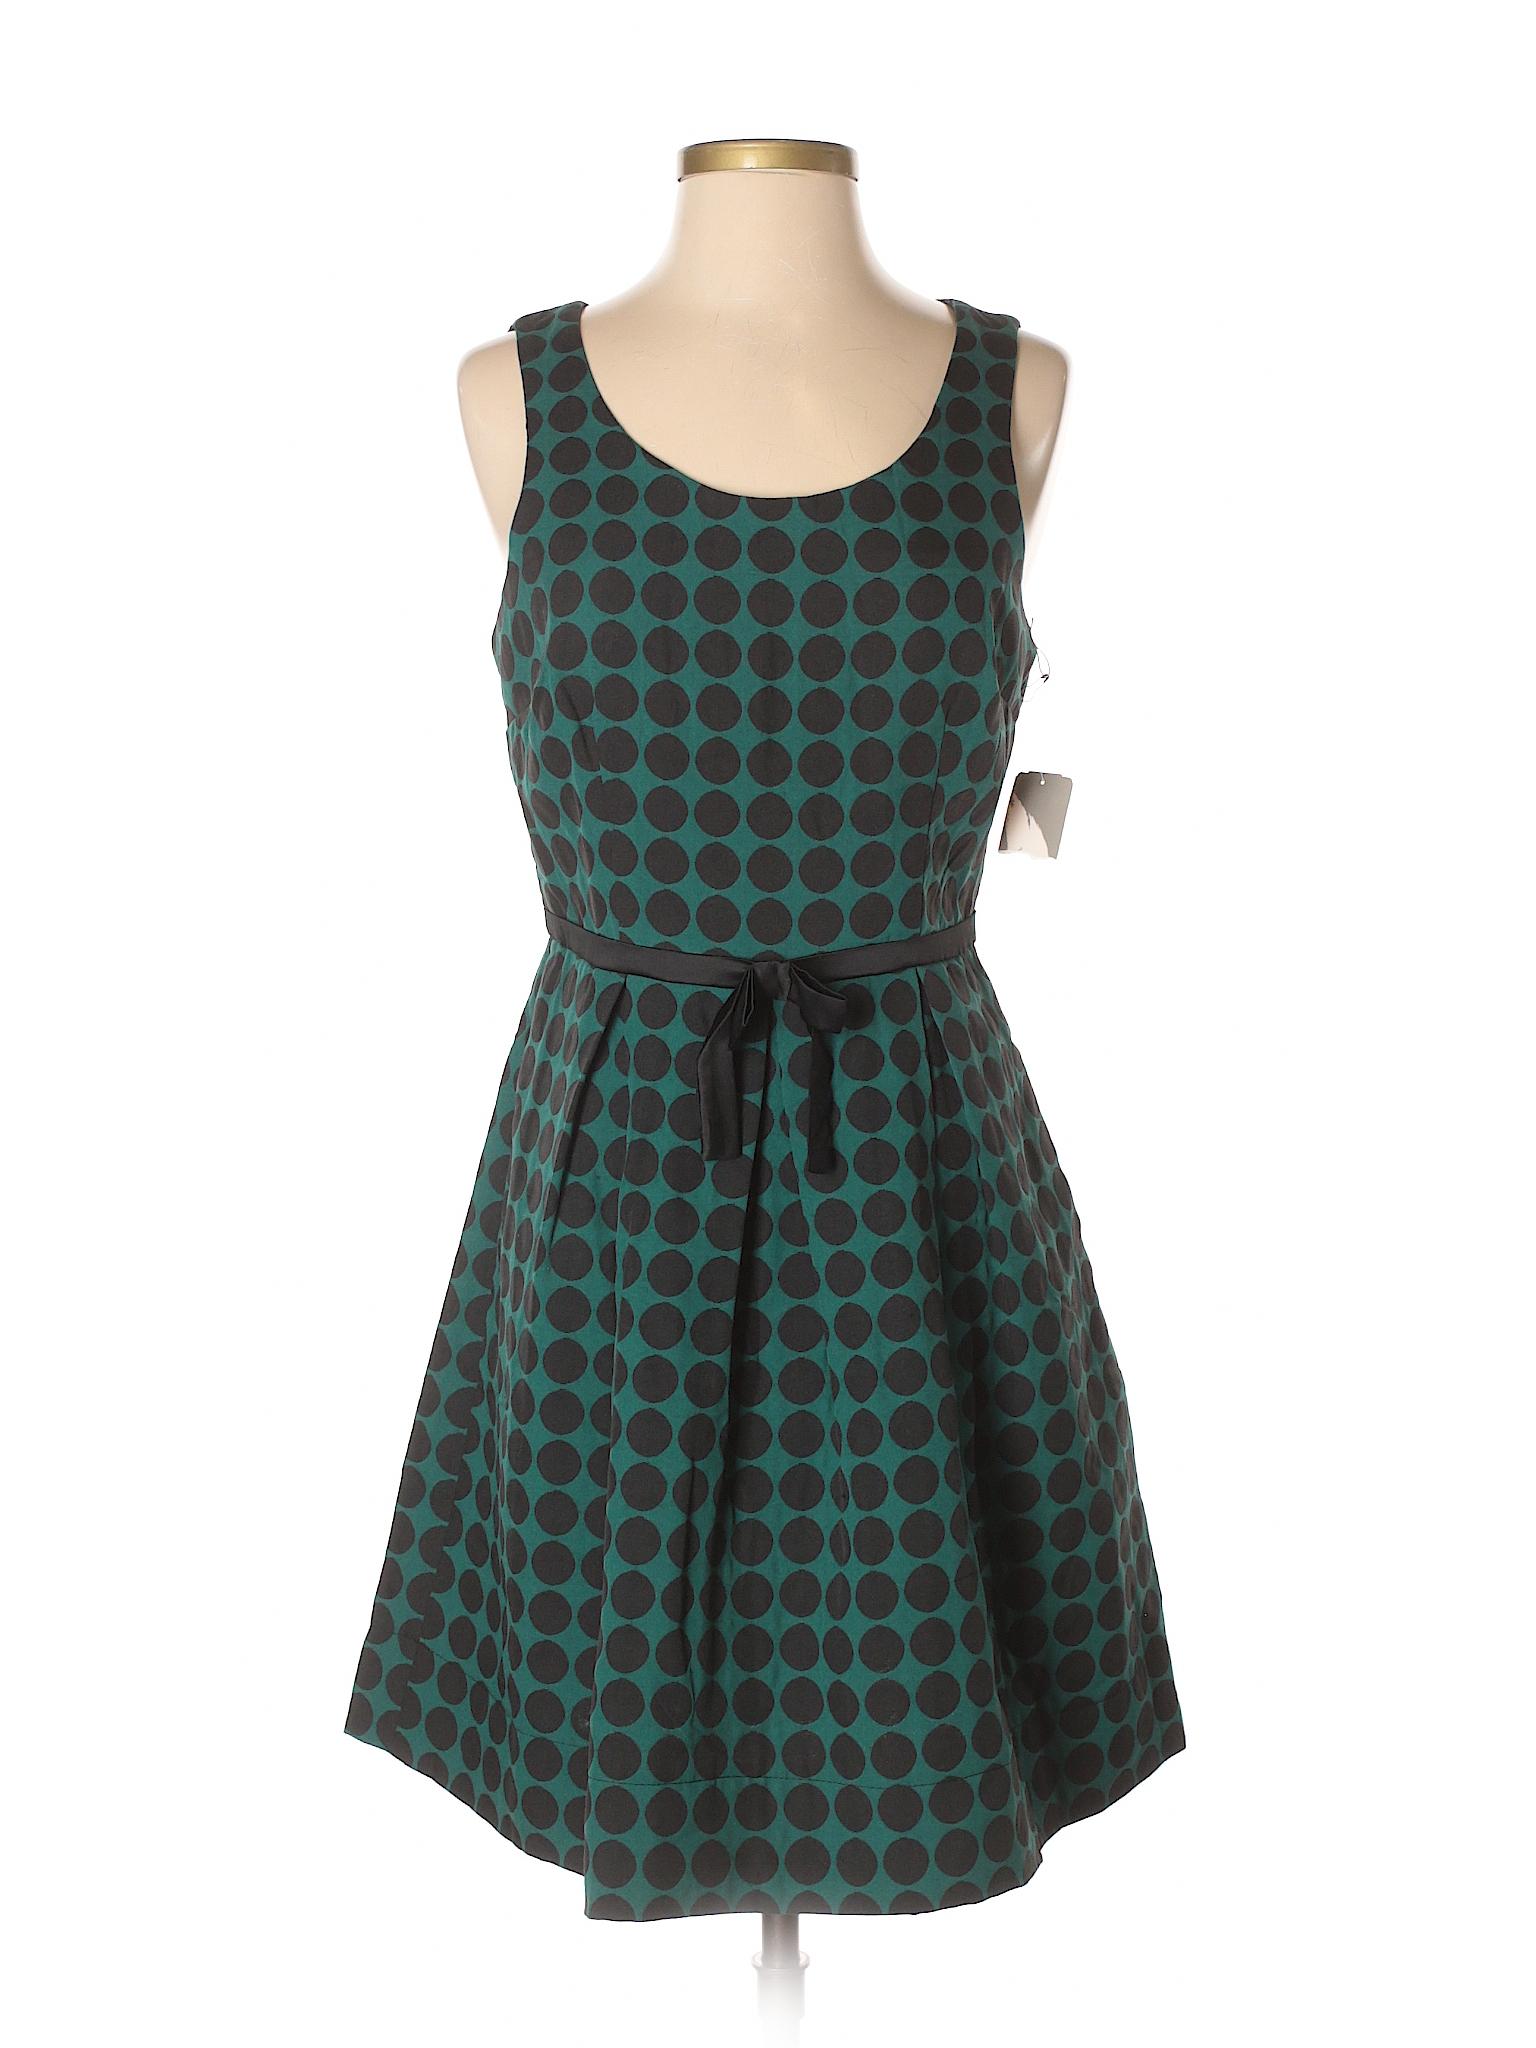 21 Dress Boutique winter Casual Love nRO1OC